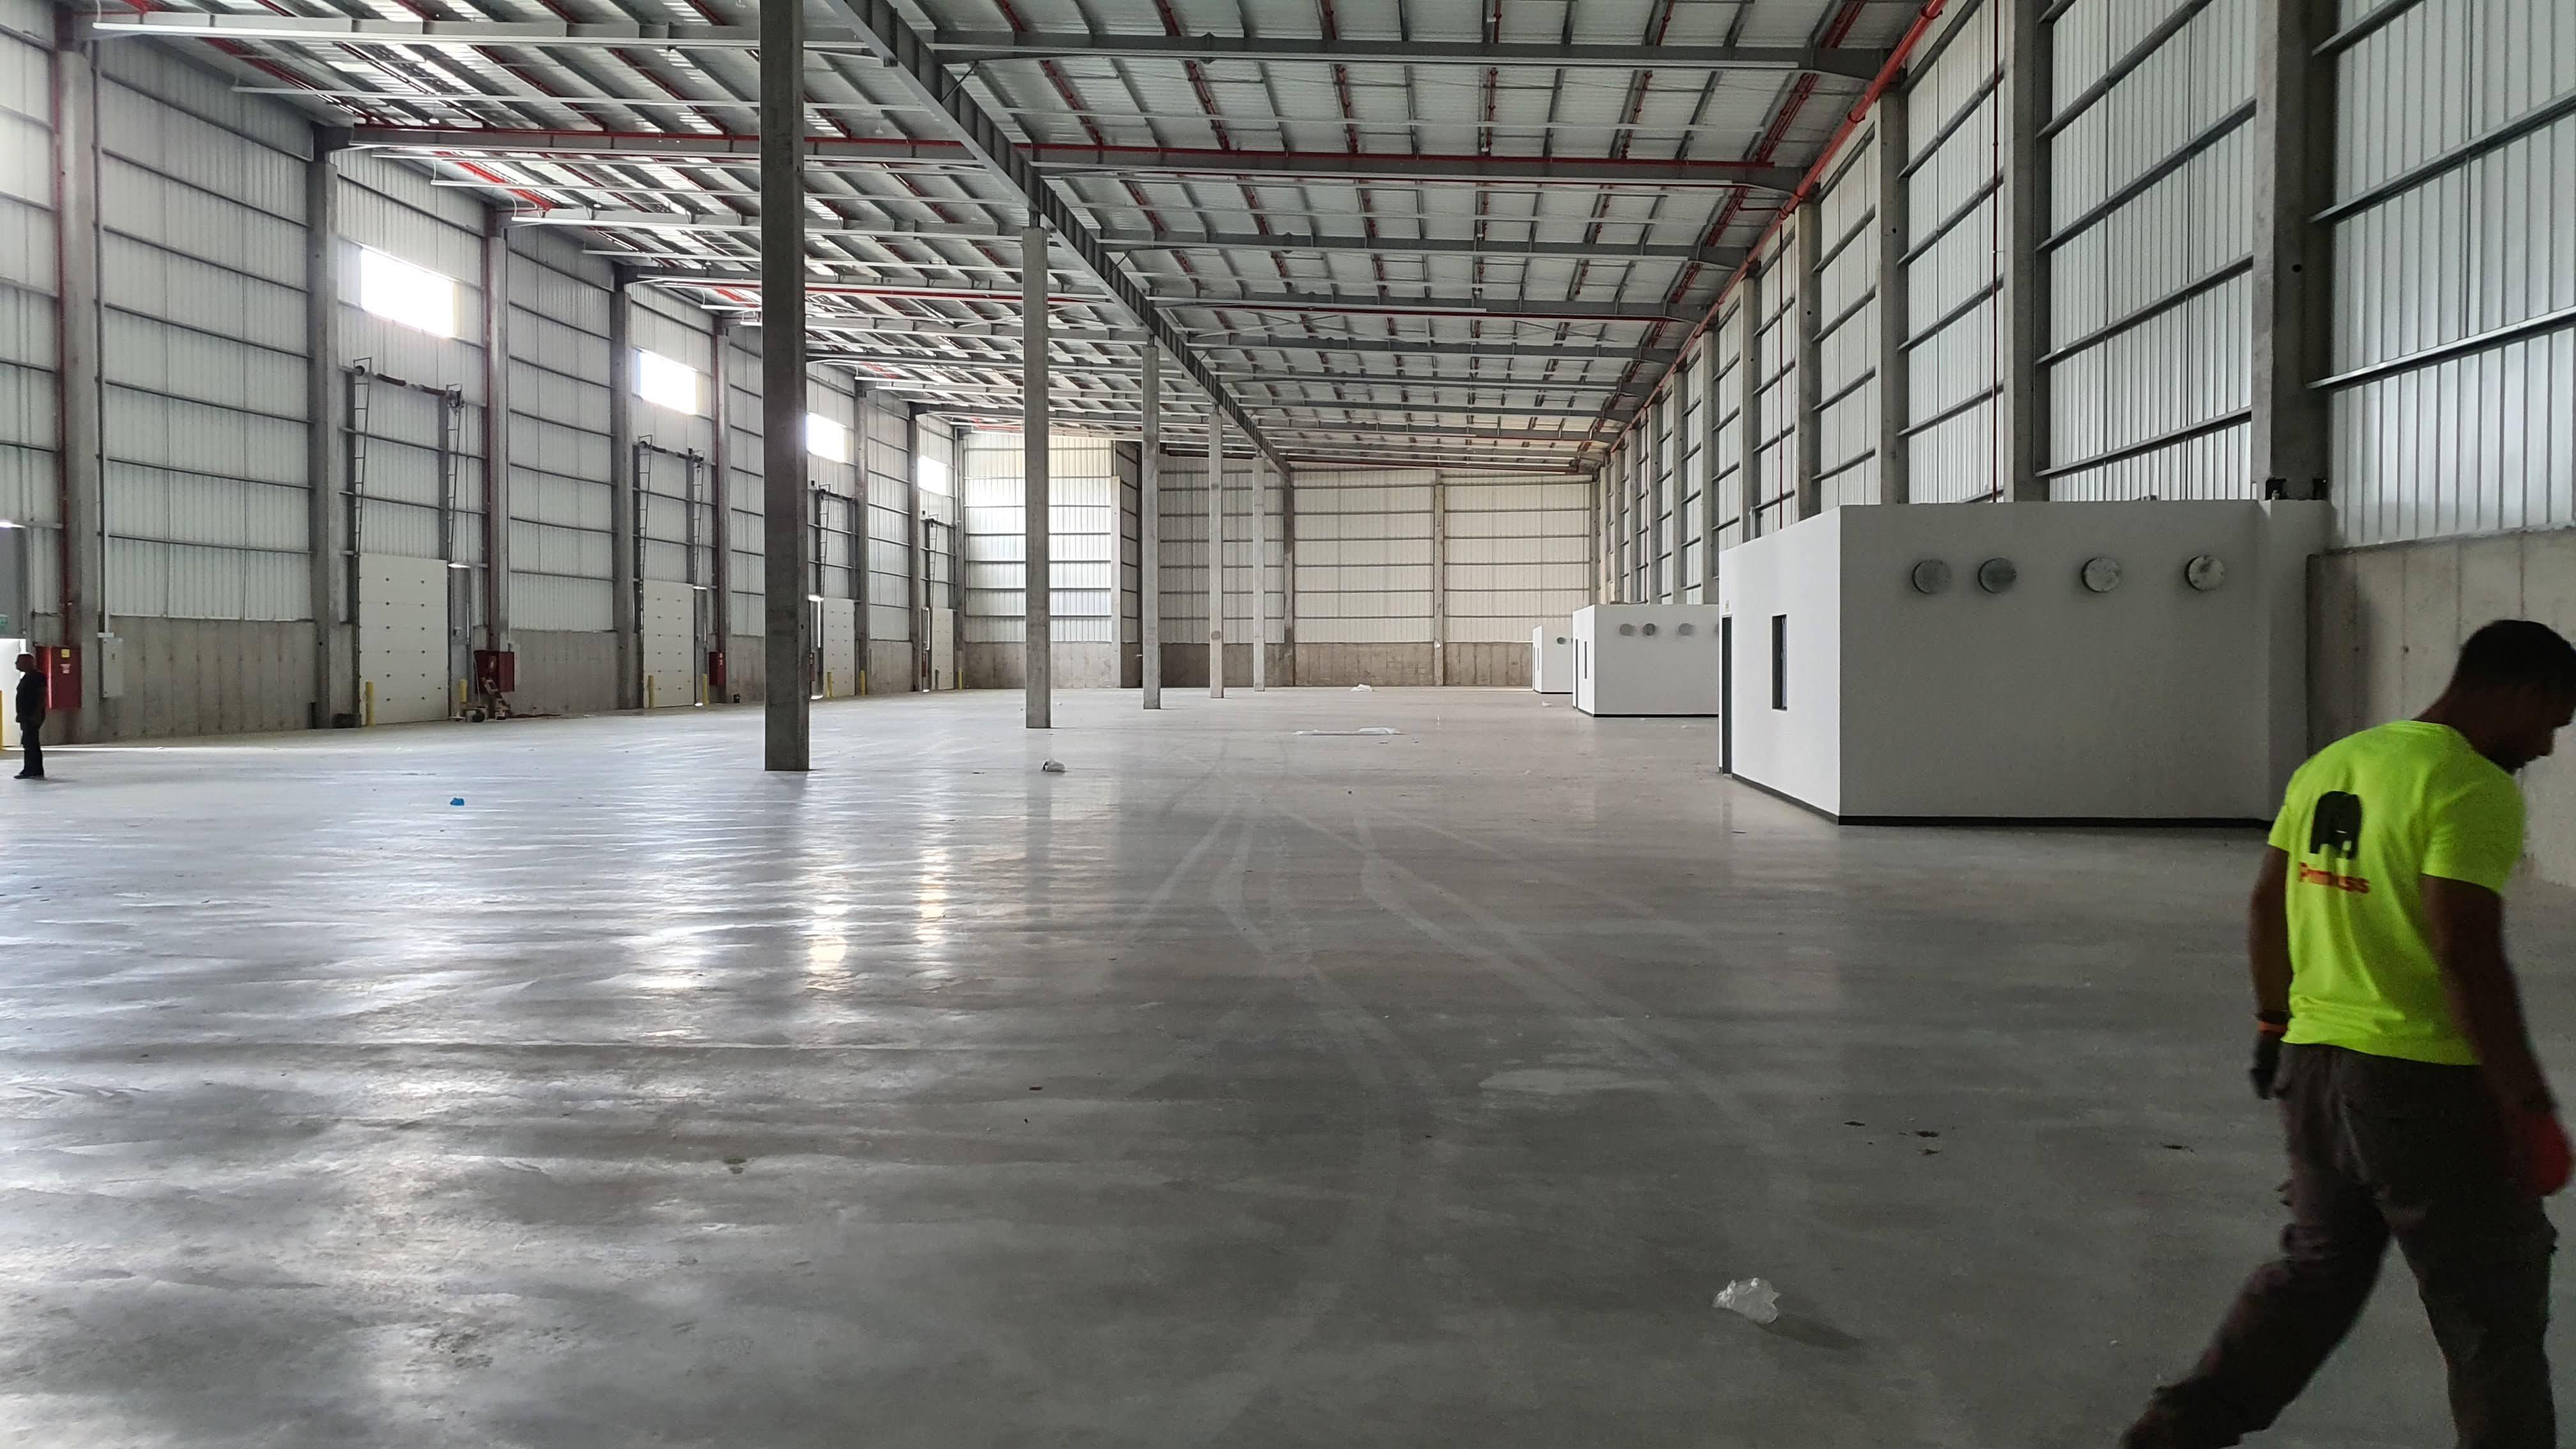 """להשכרה ליד נמל אשדוד מבנה תעשייה , מרכז לוגיסטי של כ 10000 מ""""ר  על 20 דונם   , כניסה ינואר 2022"""